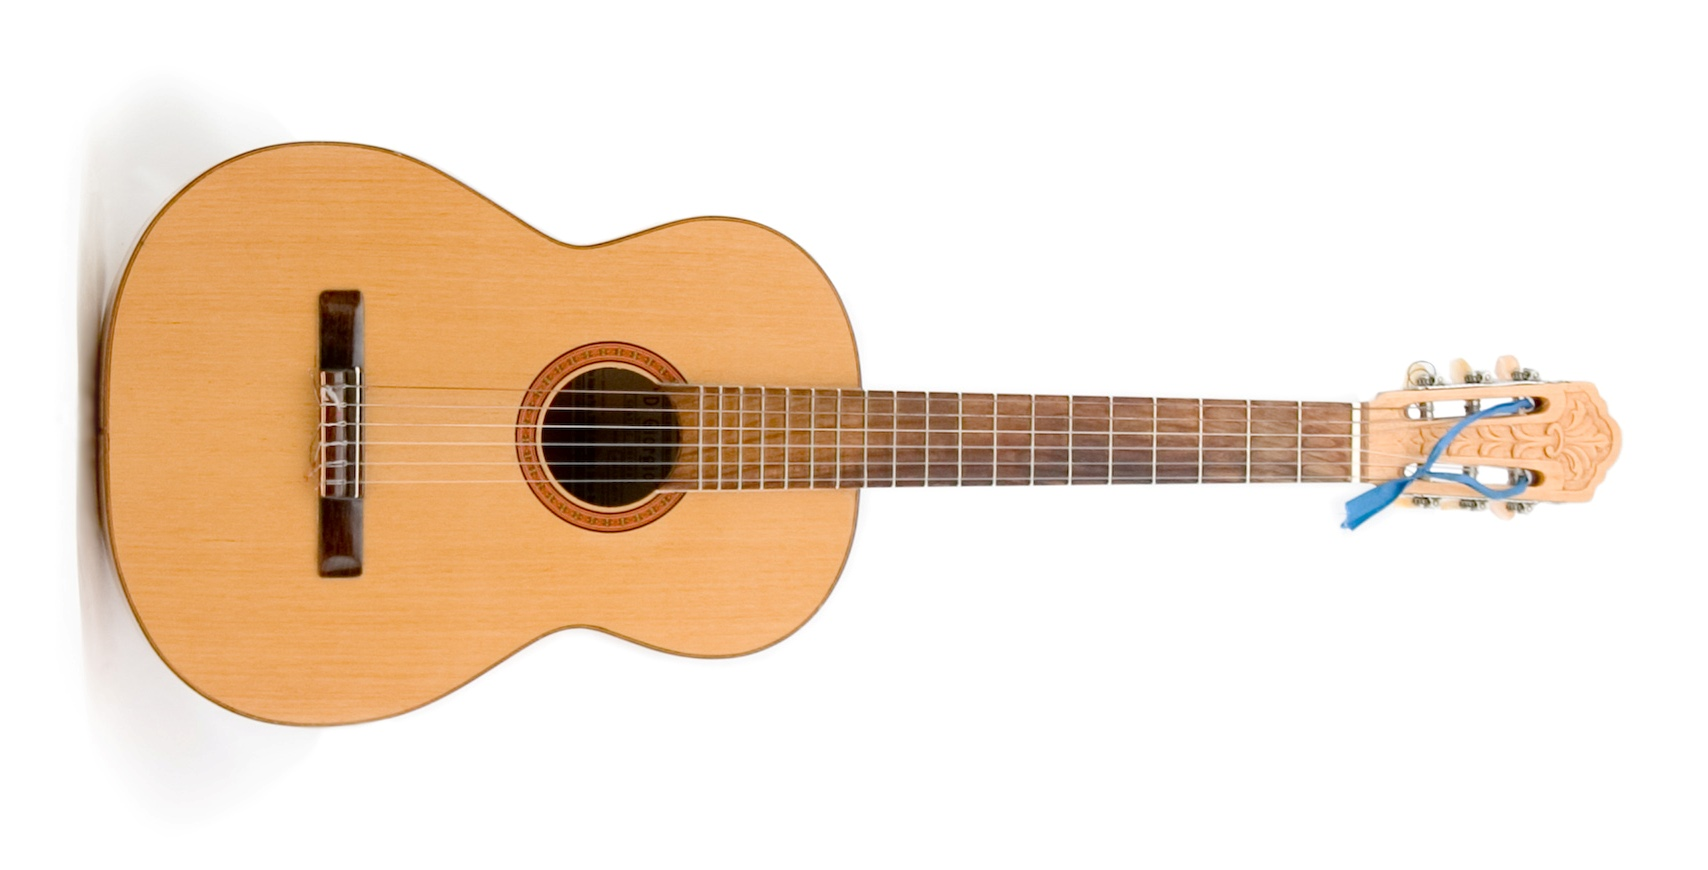 File Guitar 2 jpg - Wi...